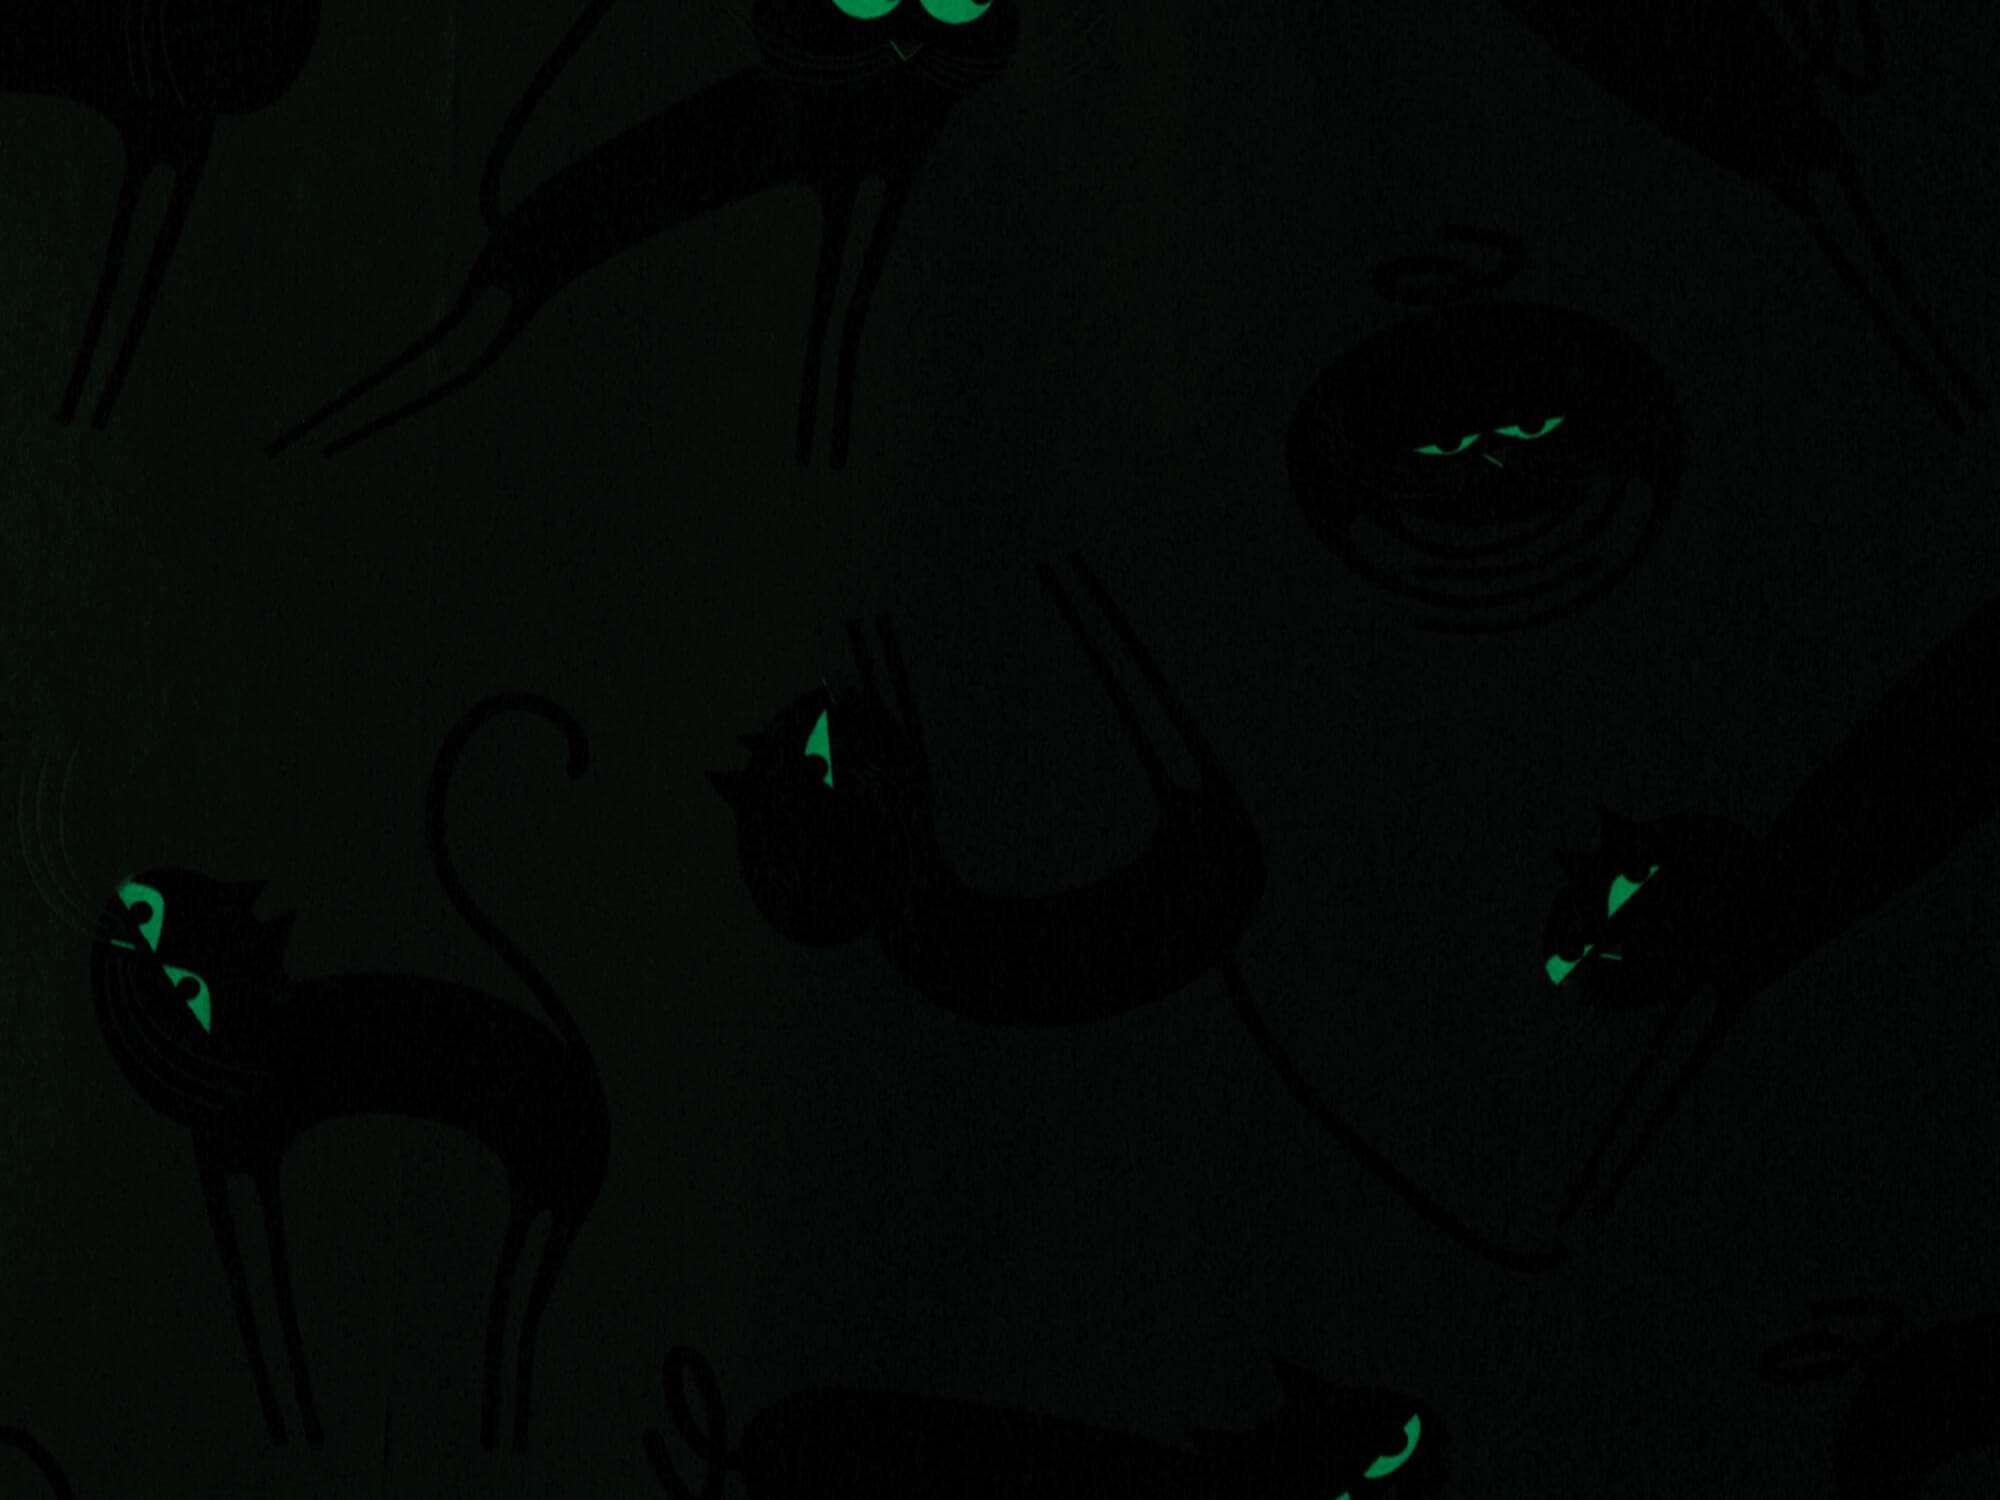 Lés de papier peint Cats phosphorescent, les yeux brillent la nuit et moustaches illuminent votre salon, design IchetKar